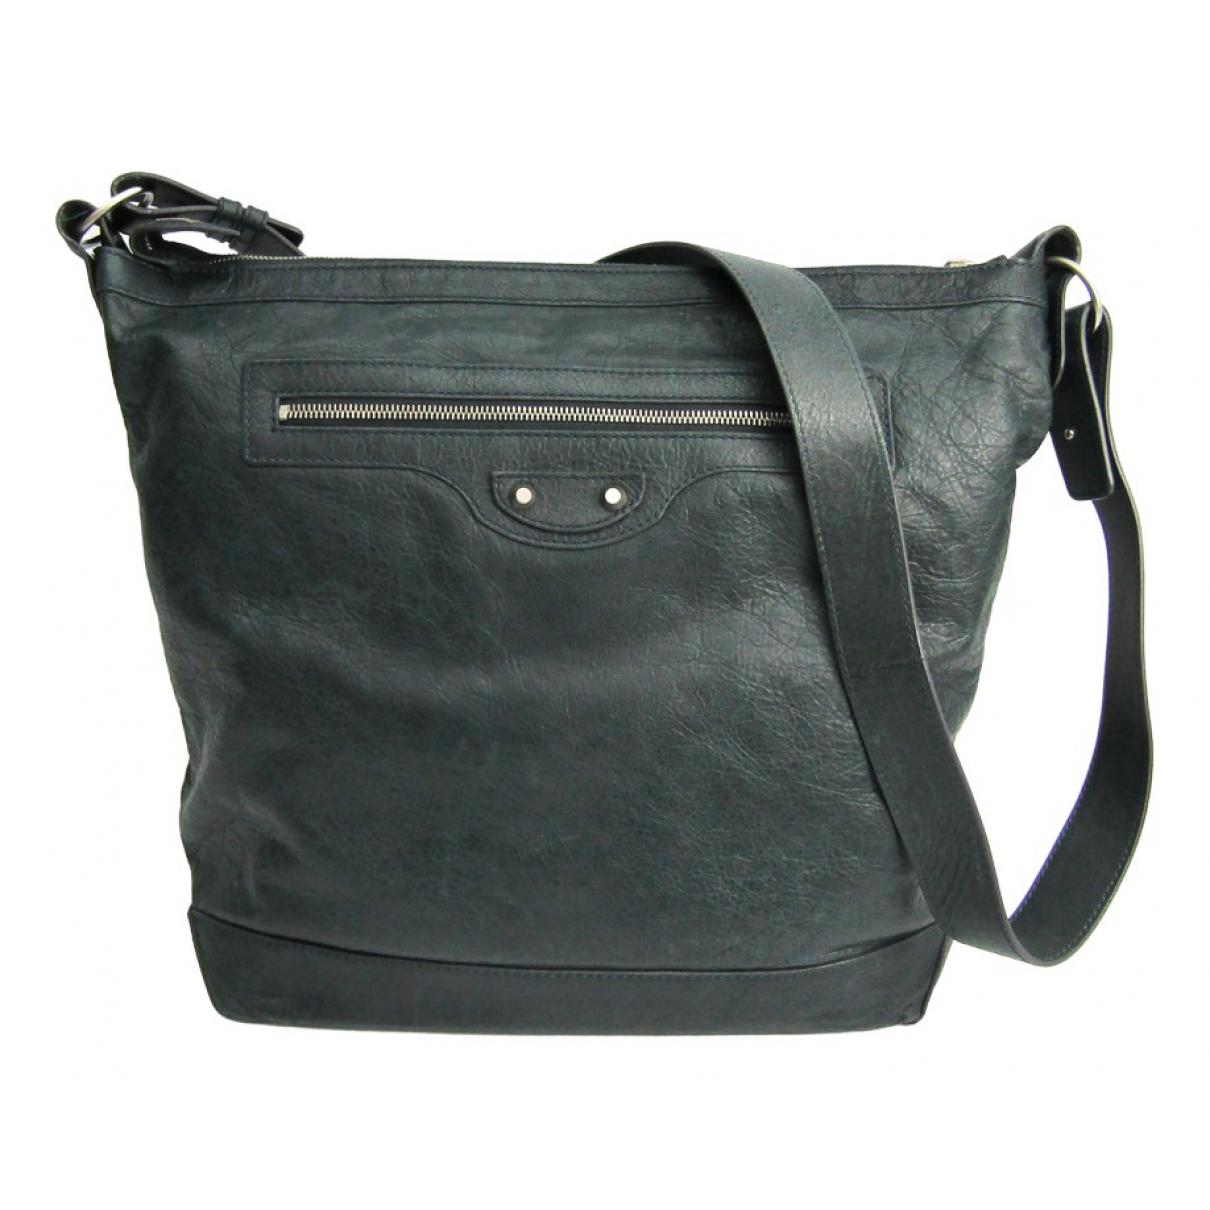 Balenciaga Day  Handtasche in  Grau Leder